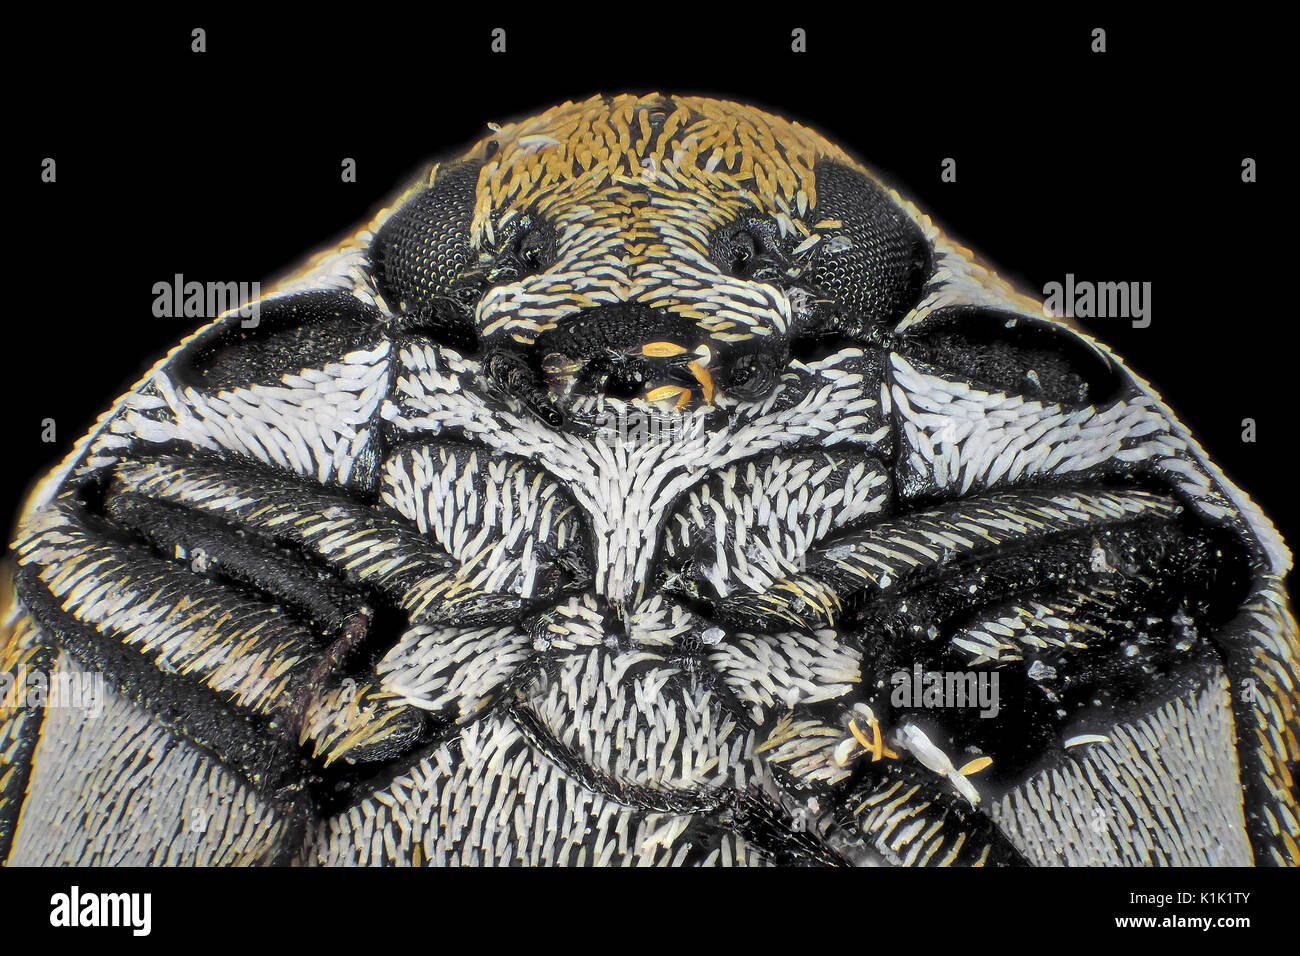 La lumière réfléchie de l'attagène micrograph varié (Anthrenus verbasci), sur la photo est d'environ 1,5 mm de large Photo Stock